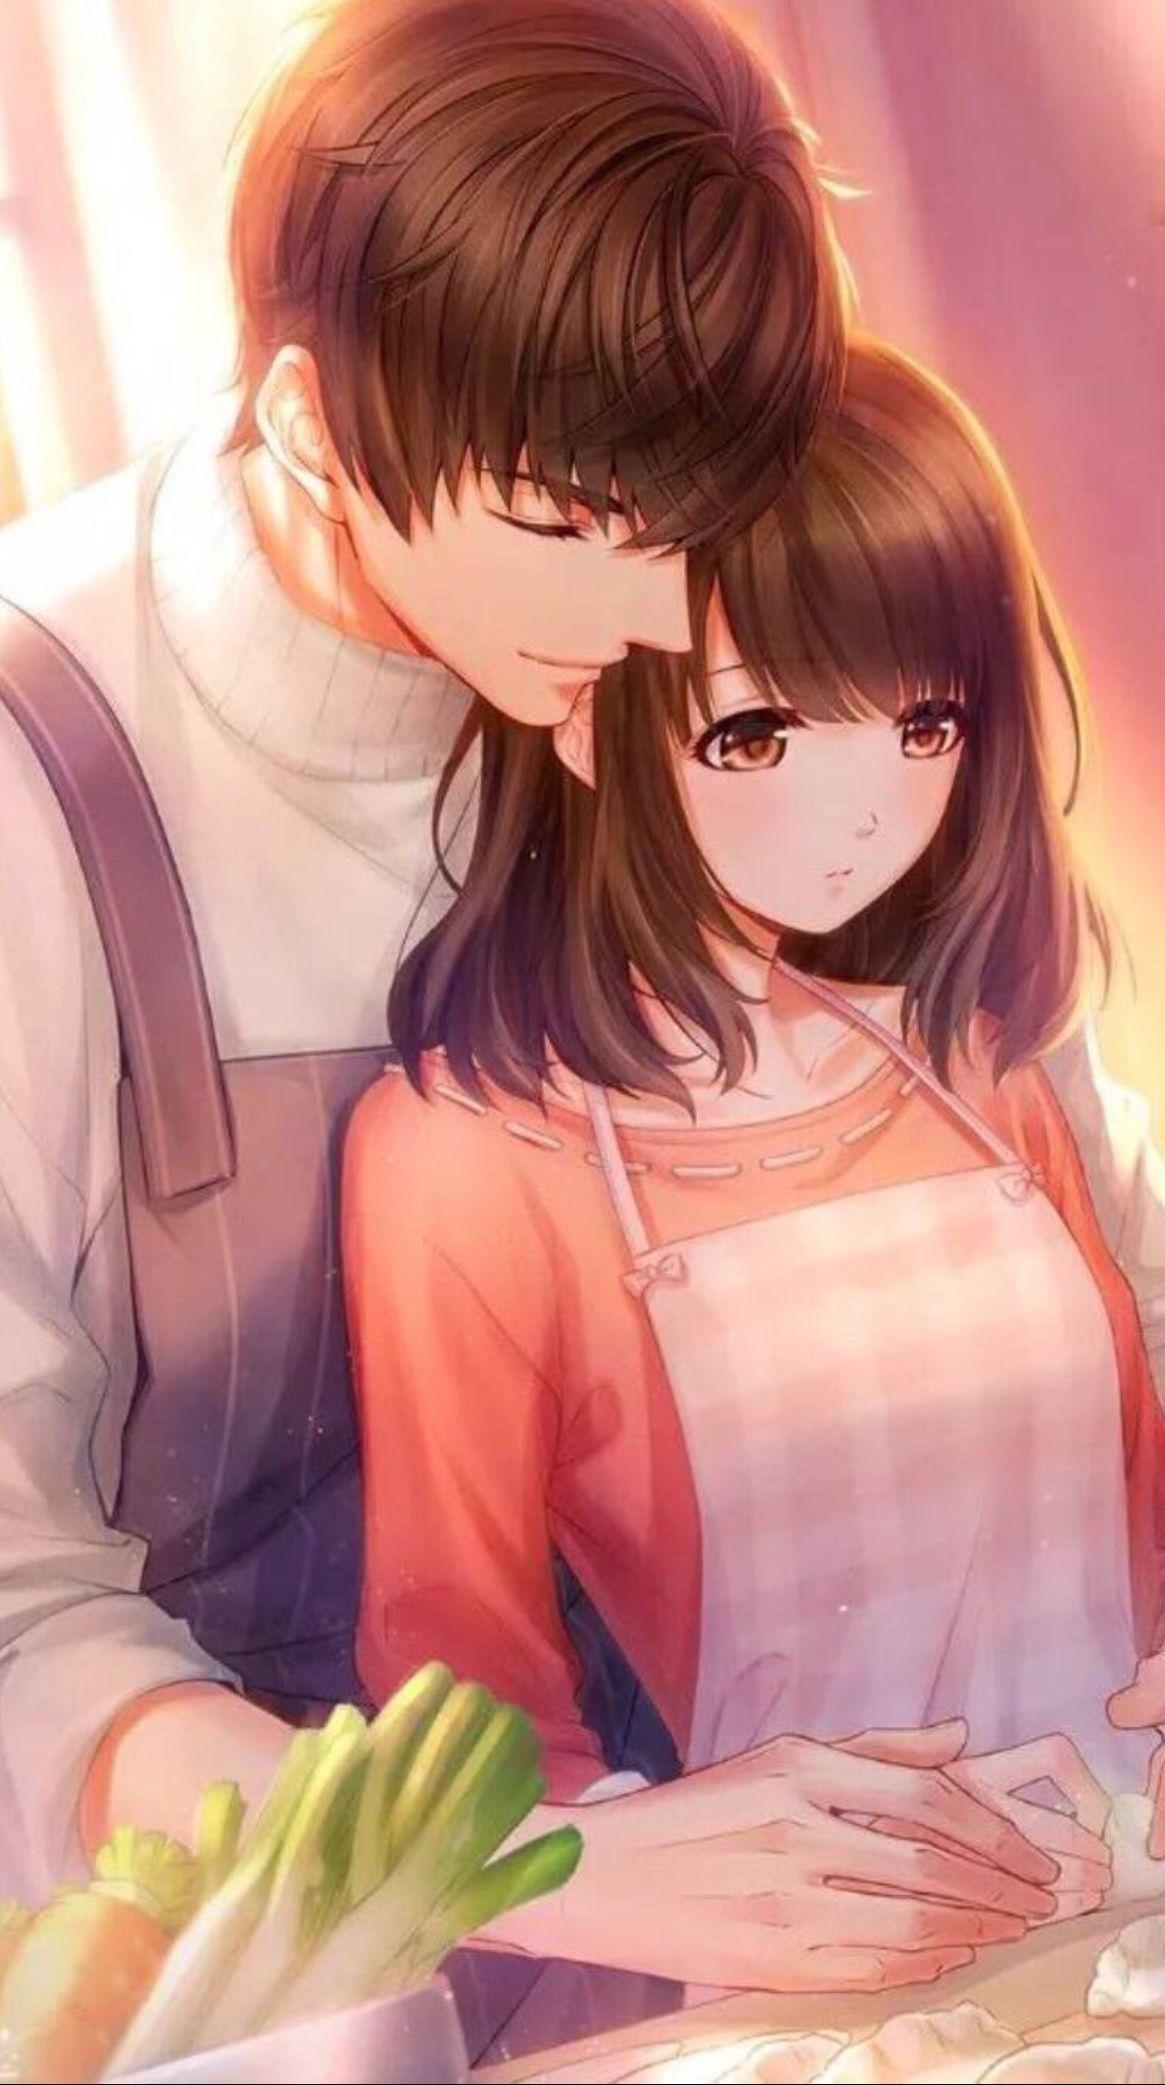 Ảnh Anime đáng yêu